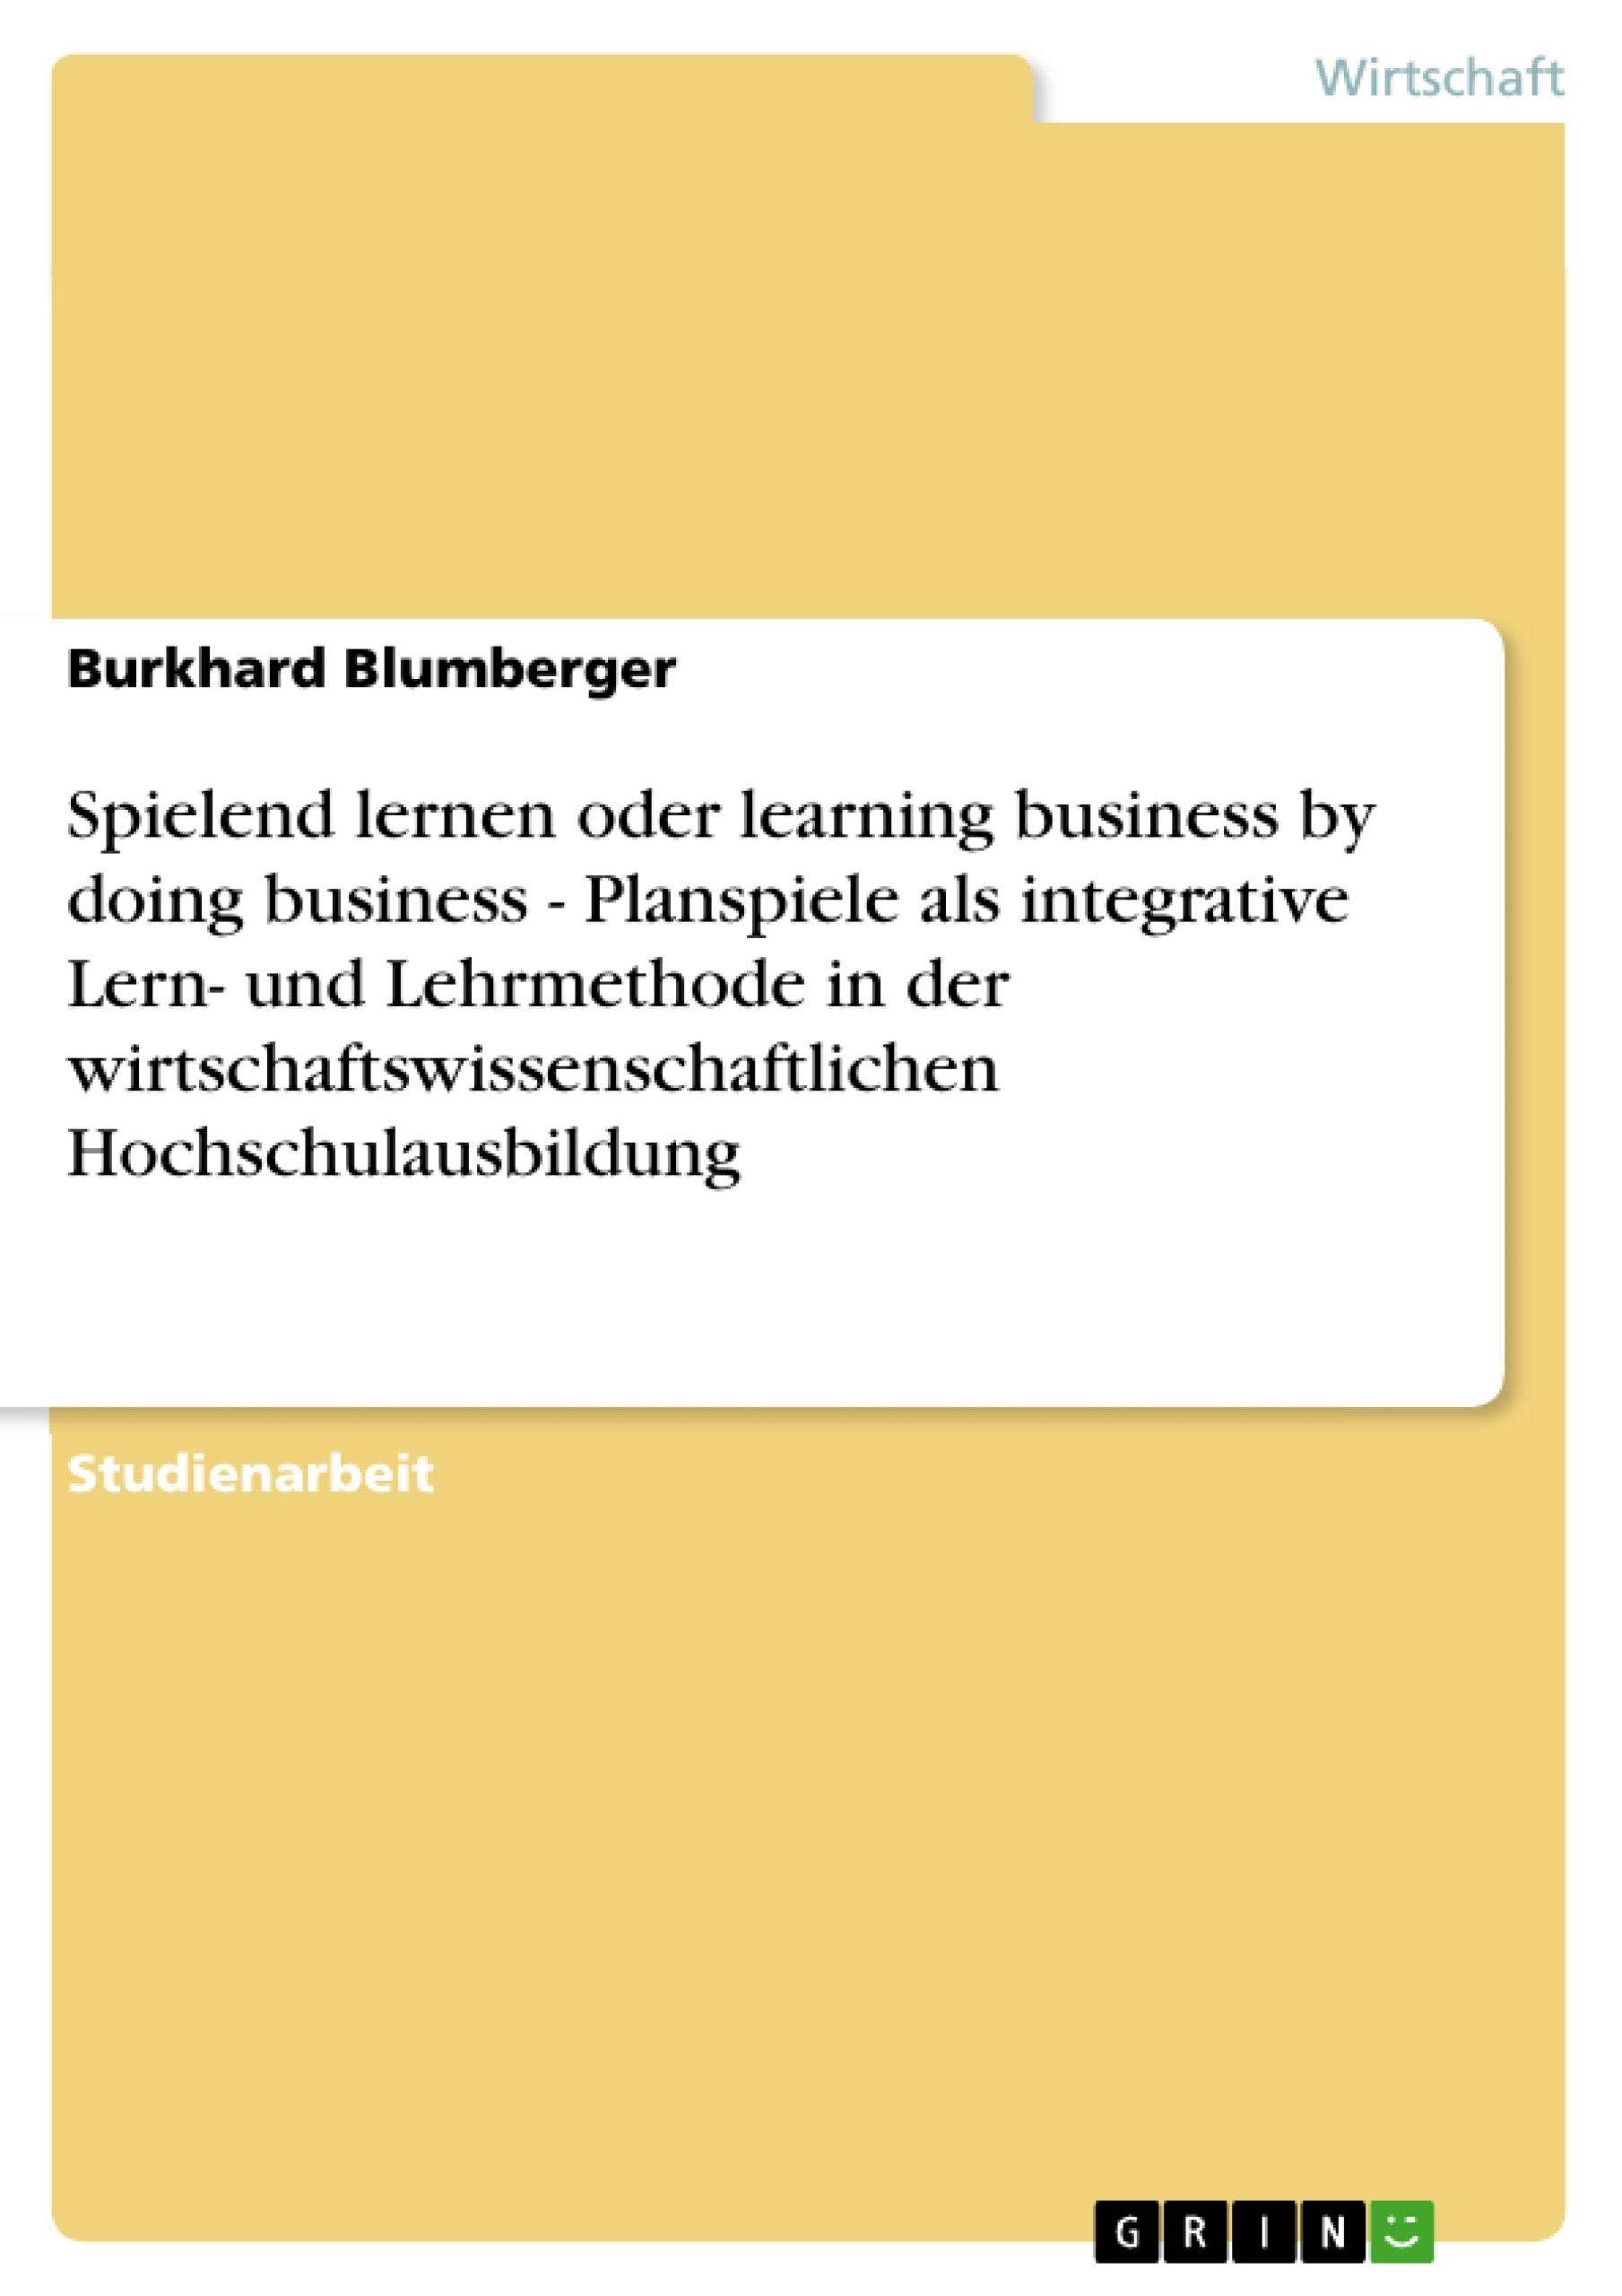 Titel: Spielend lernen oder learning business by doing business - Planspiele als integrative Lern- und Lehrmethode in der wirtschaftswissenschaftlichen Hochschulausbildung